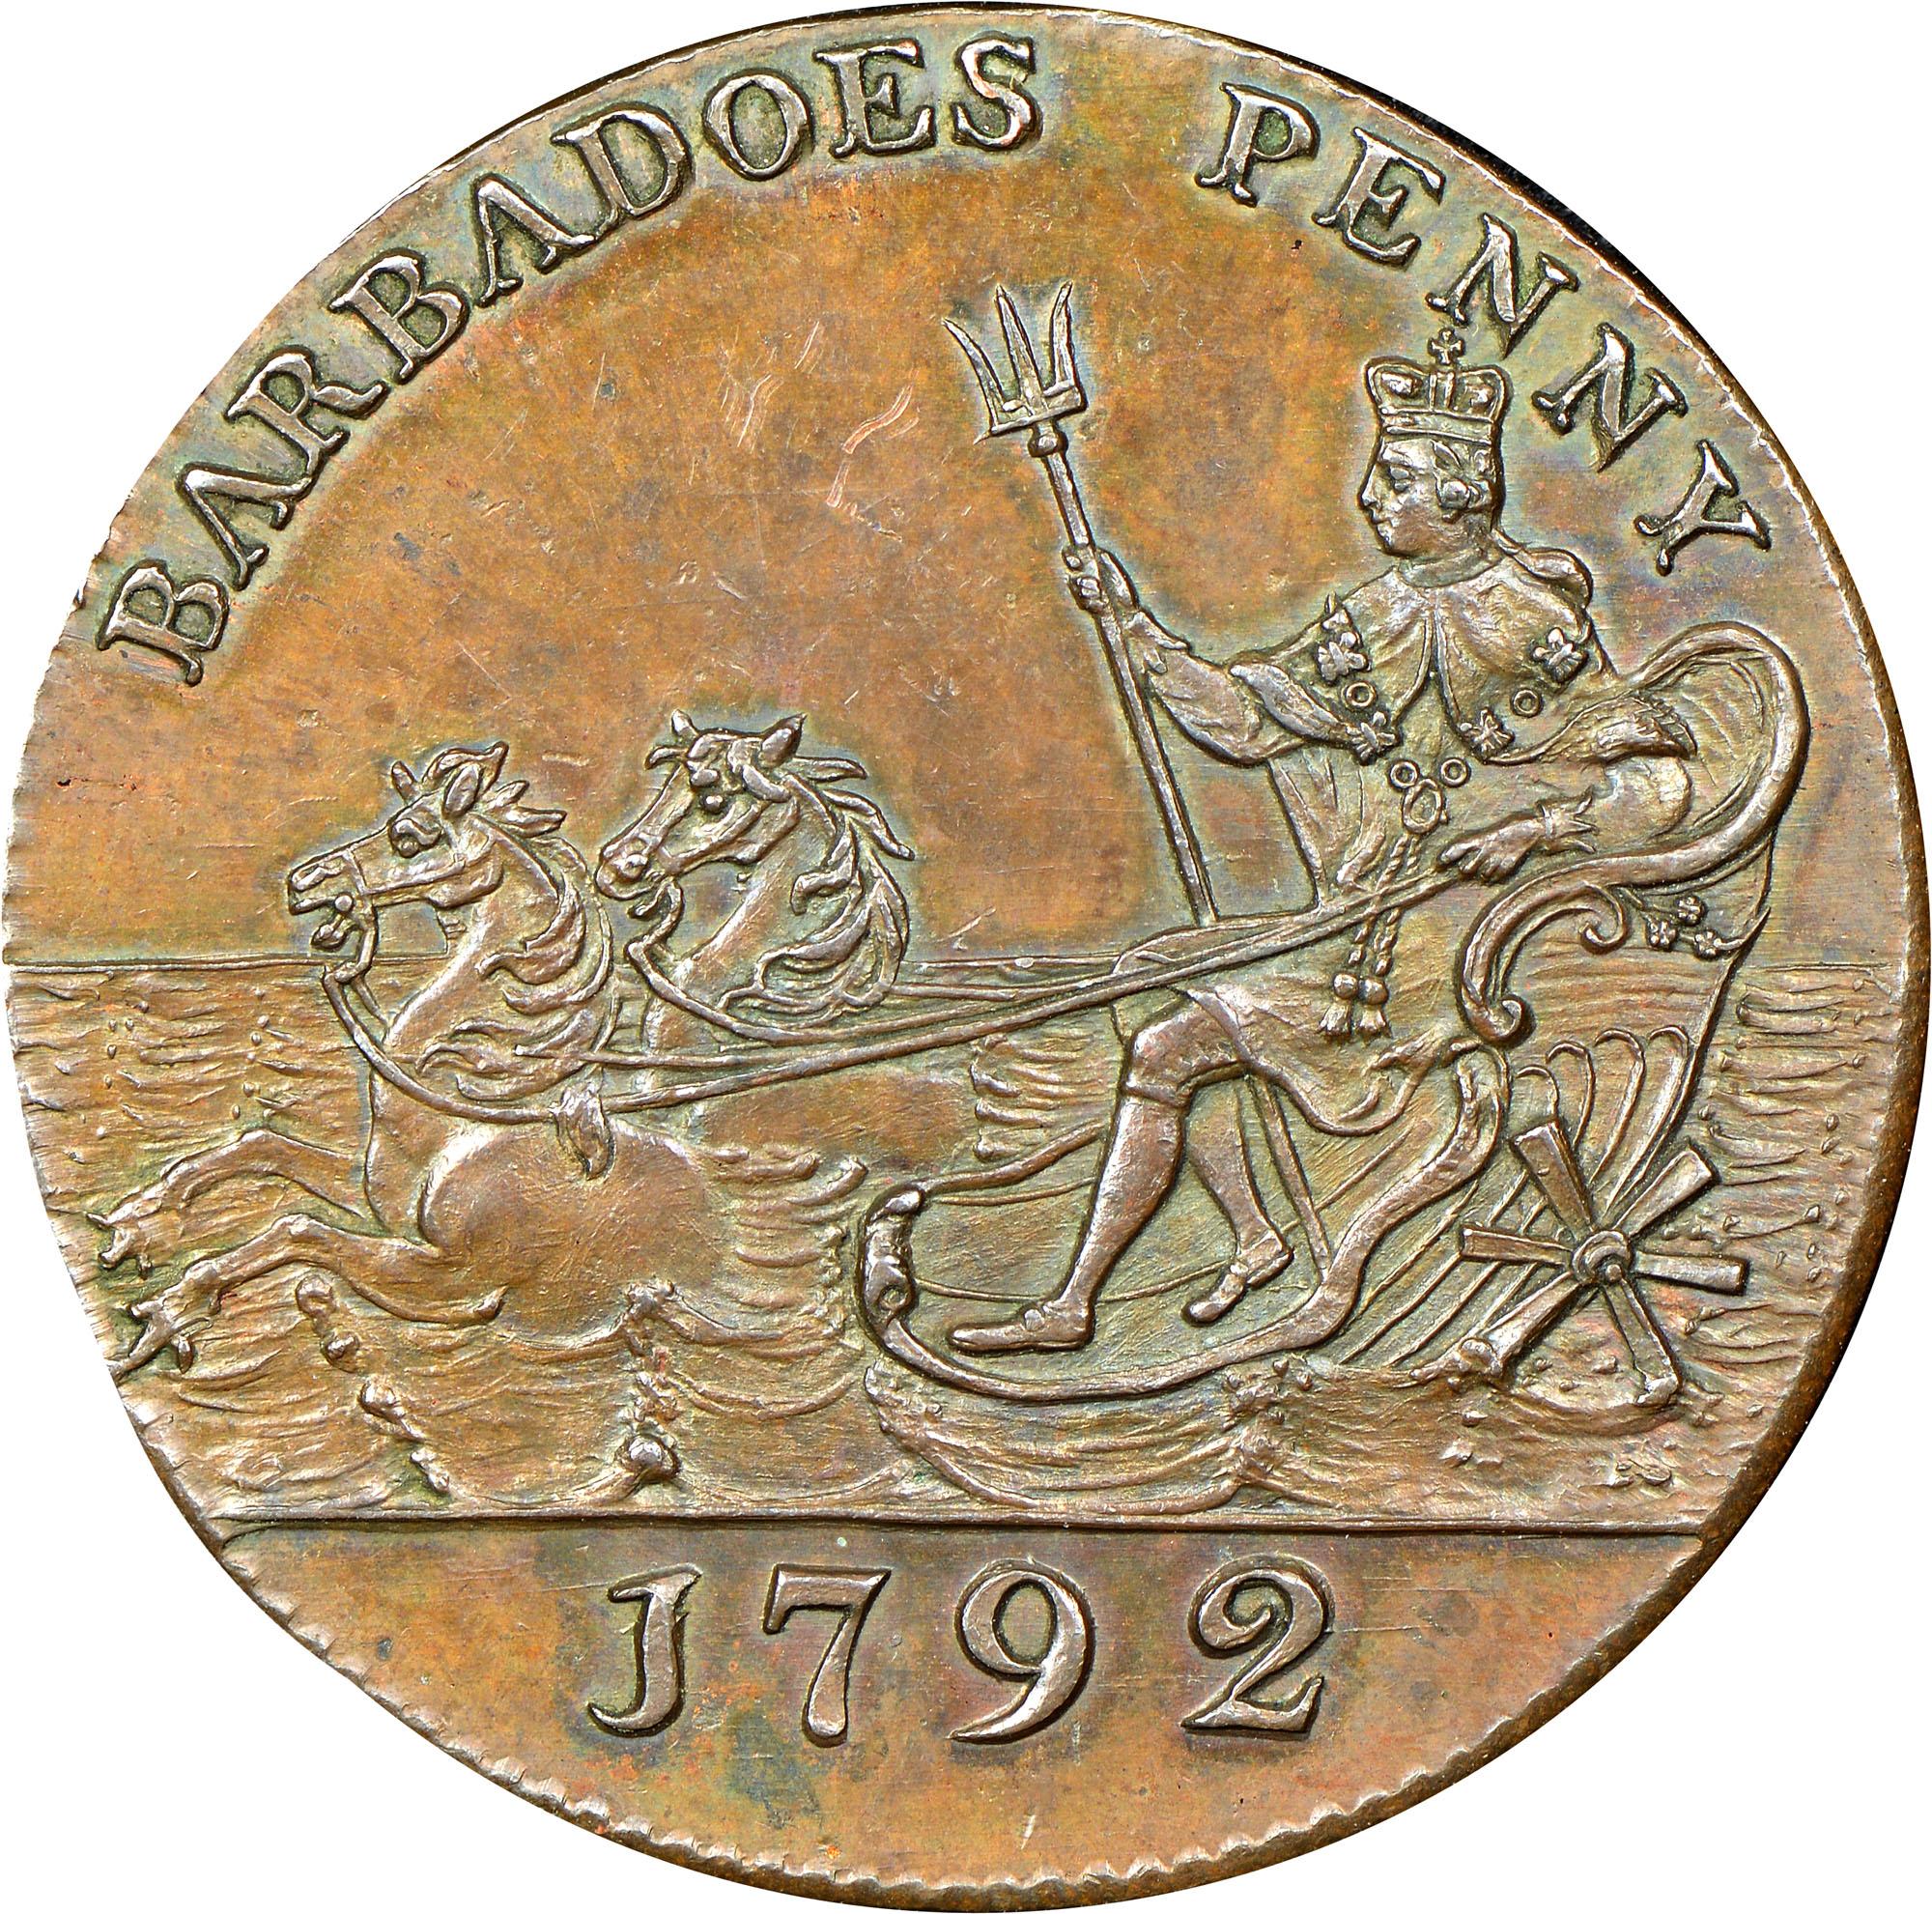 1792 Barbados Penny obverse